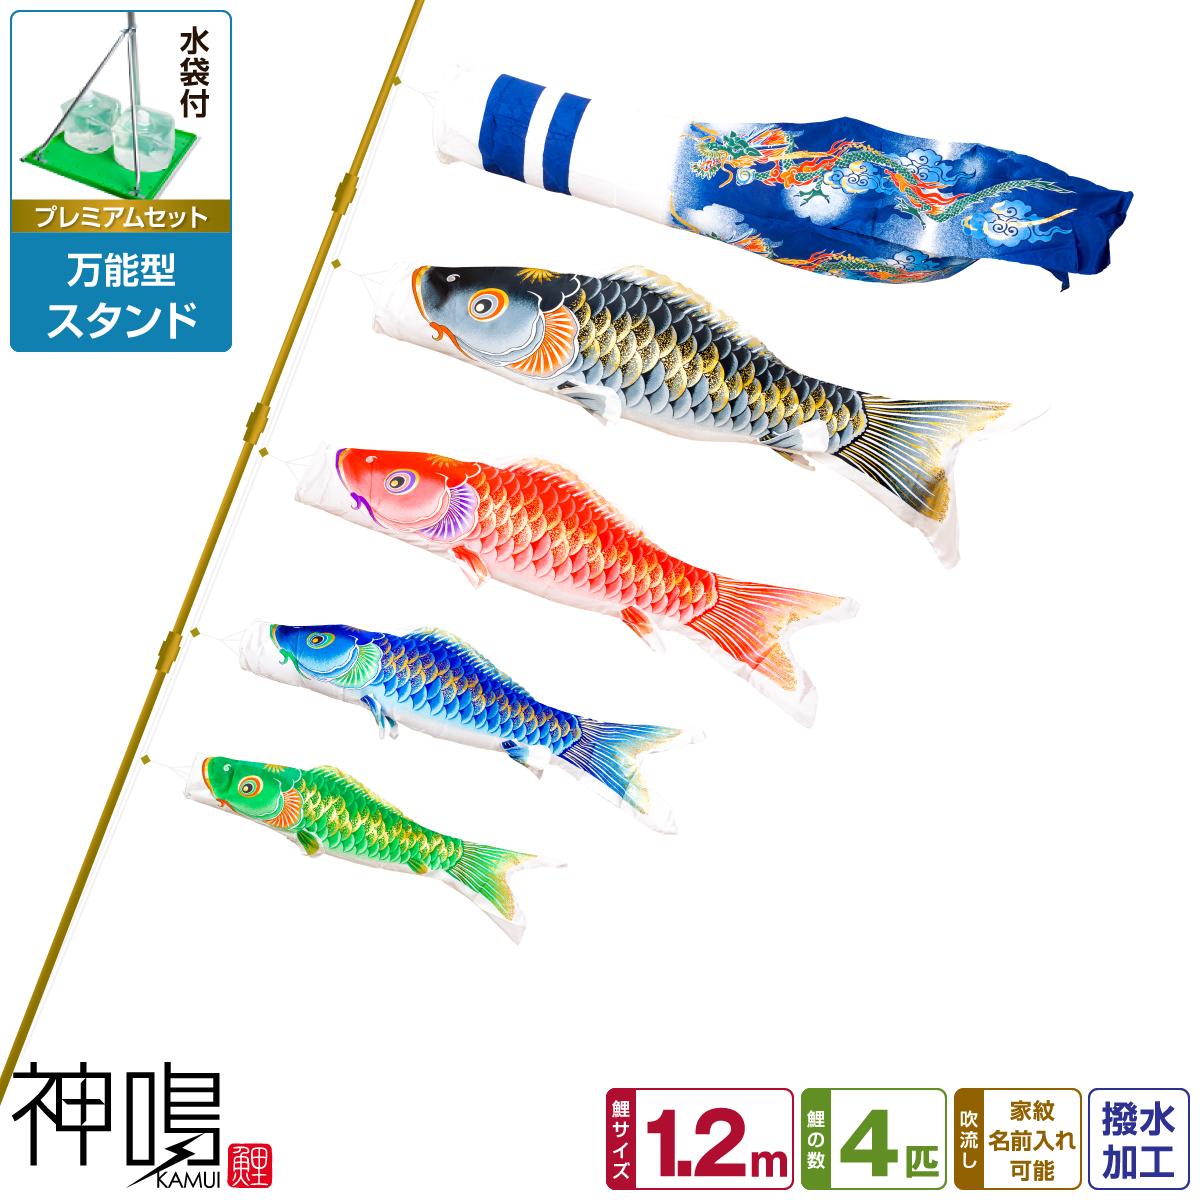 鯉のぼり ベランダ/庭/兼用 神鳴鯉-KAMUI- 1.2m 7点(吹流し+鯉4匹+矢車+ロープ)/プレミアムセット(万能スタンド)